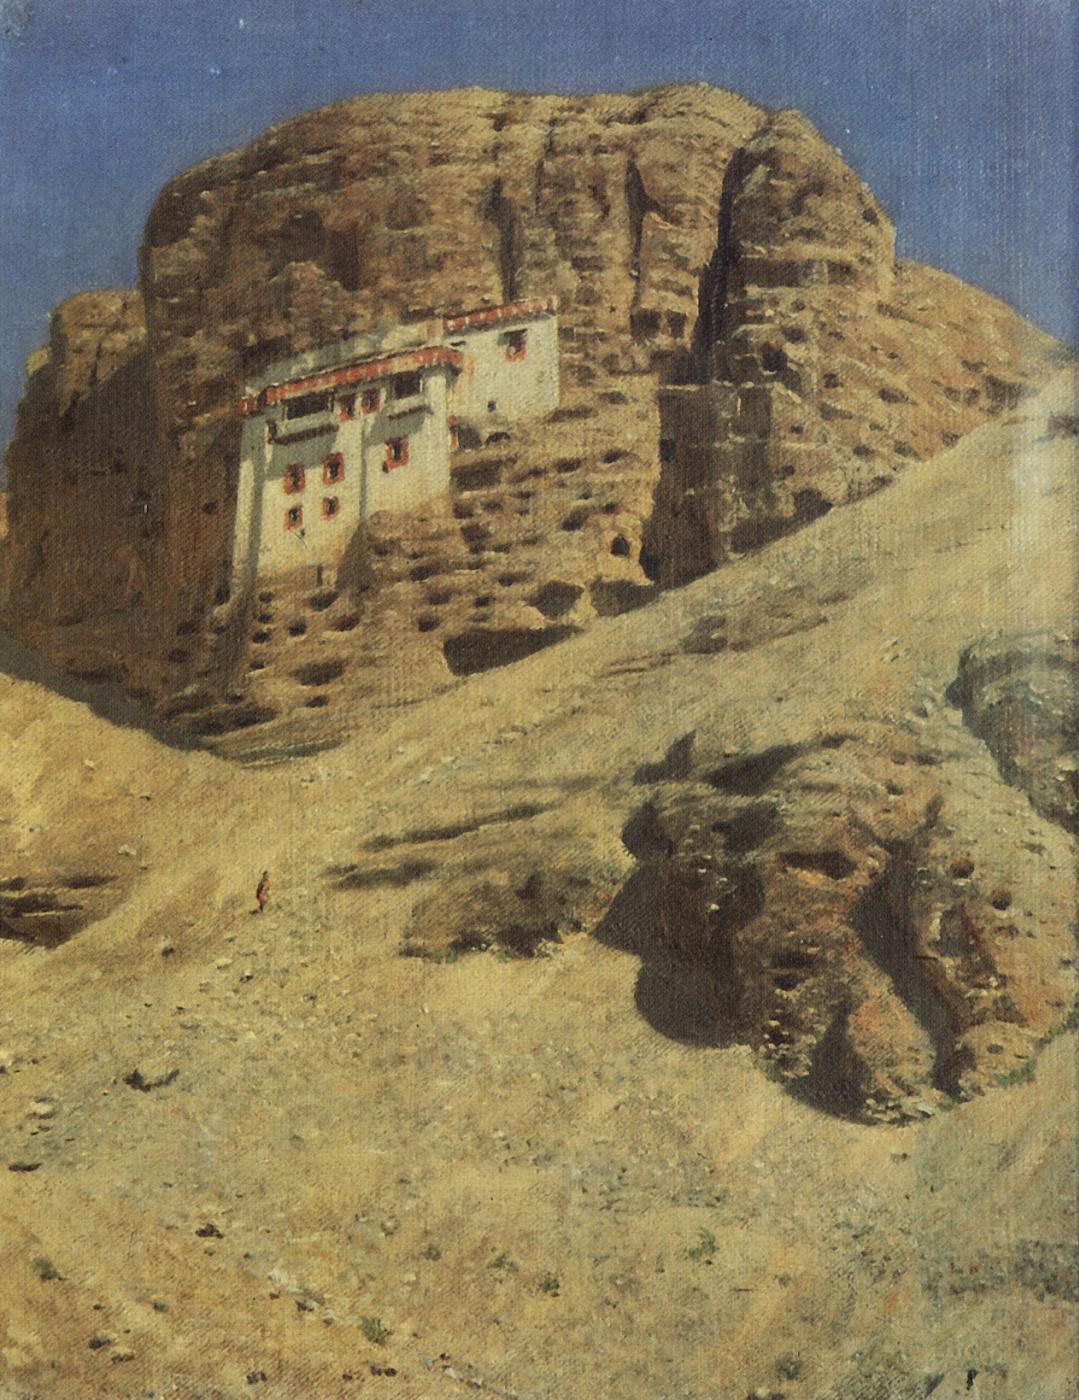 Vasily Vereshchagin. Monastery in a rock. Ladakh